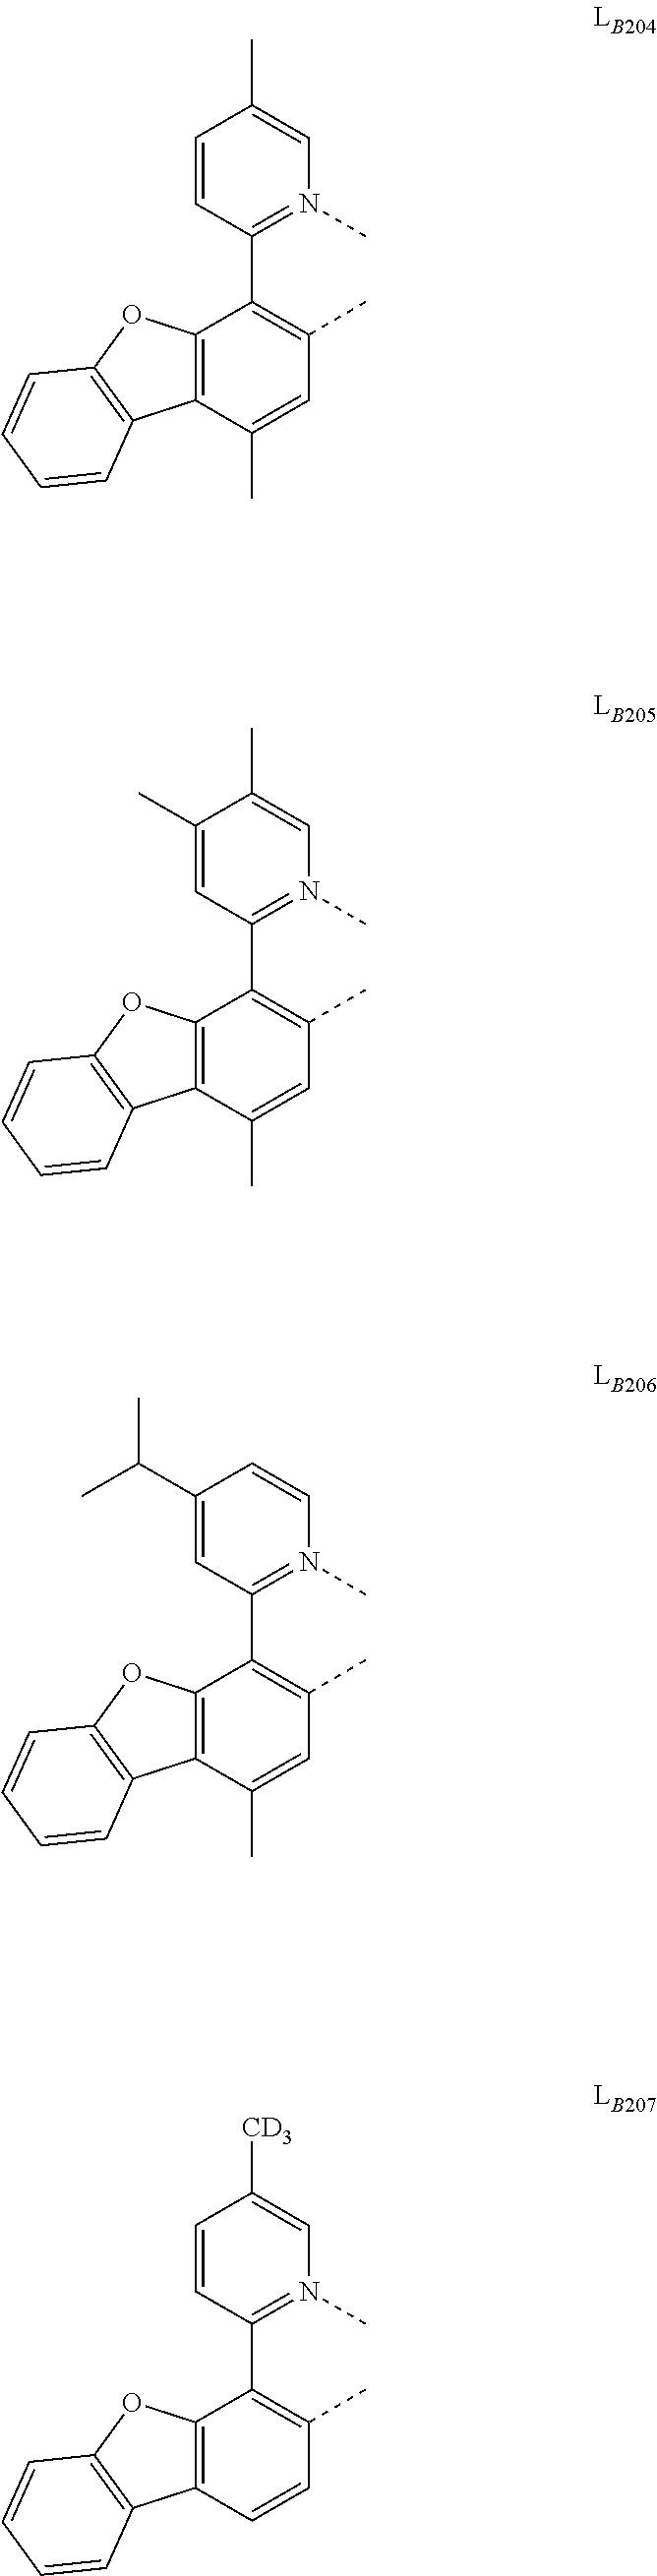 Figure US09929360-20180327-C00082